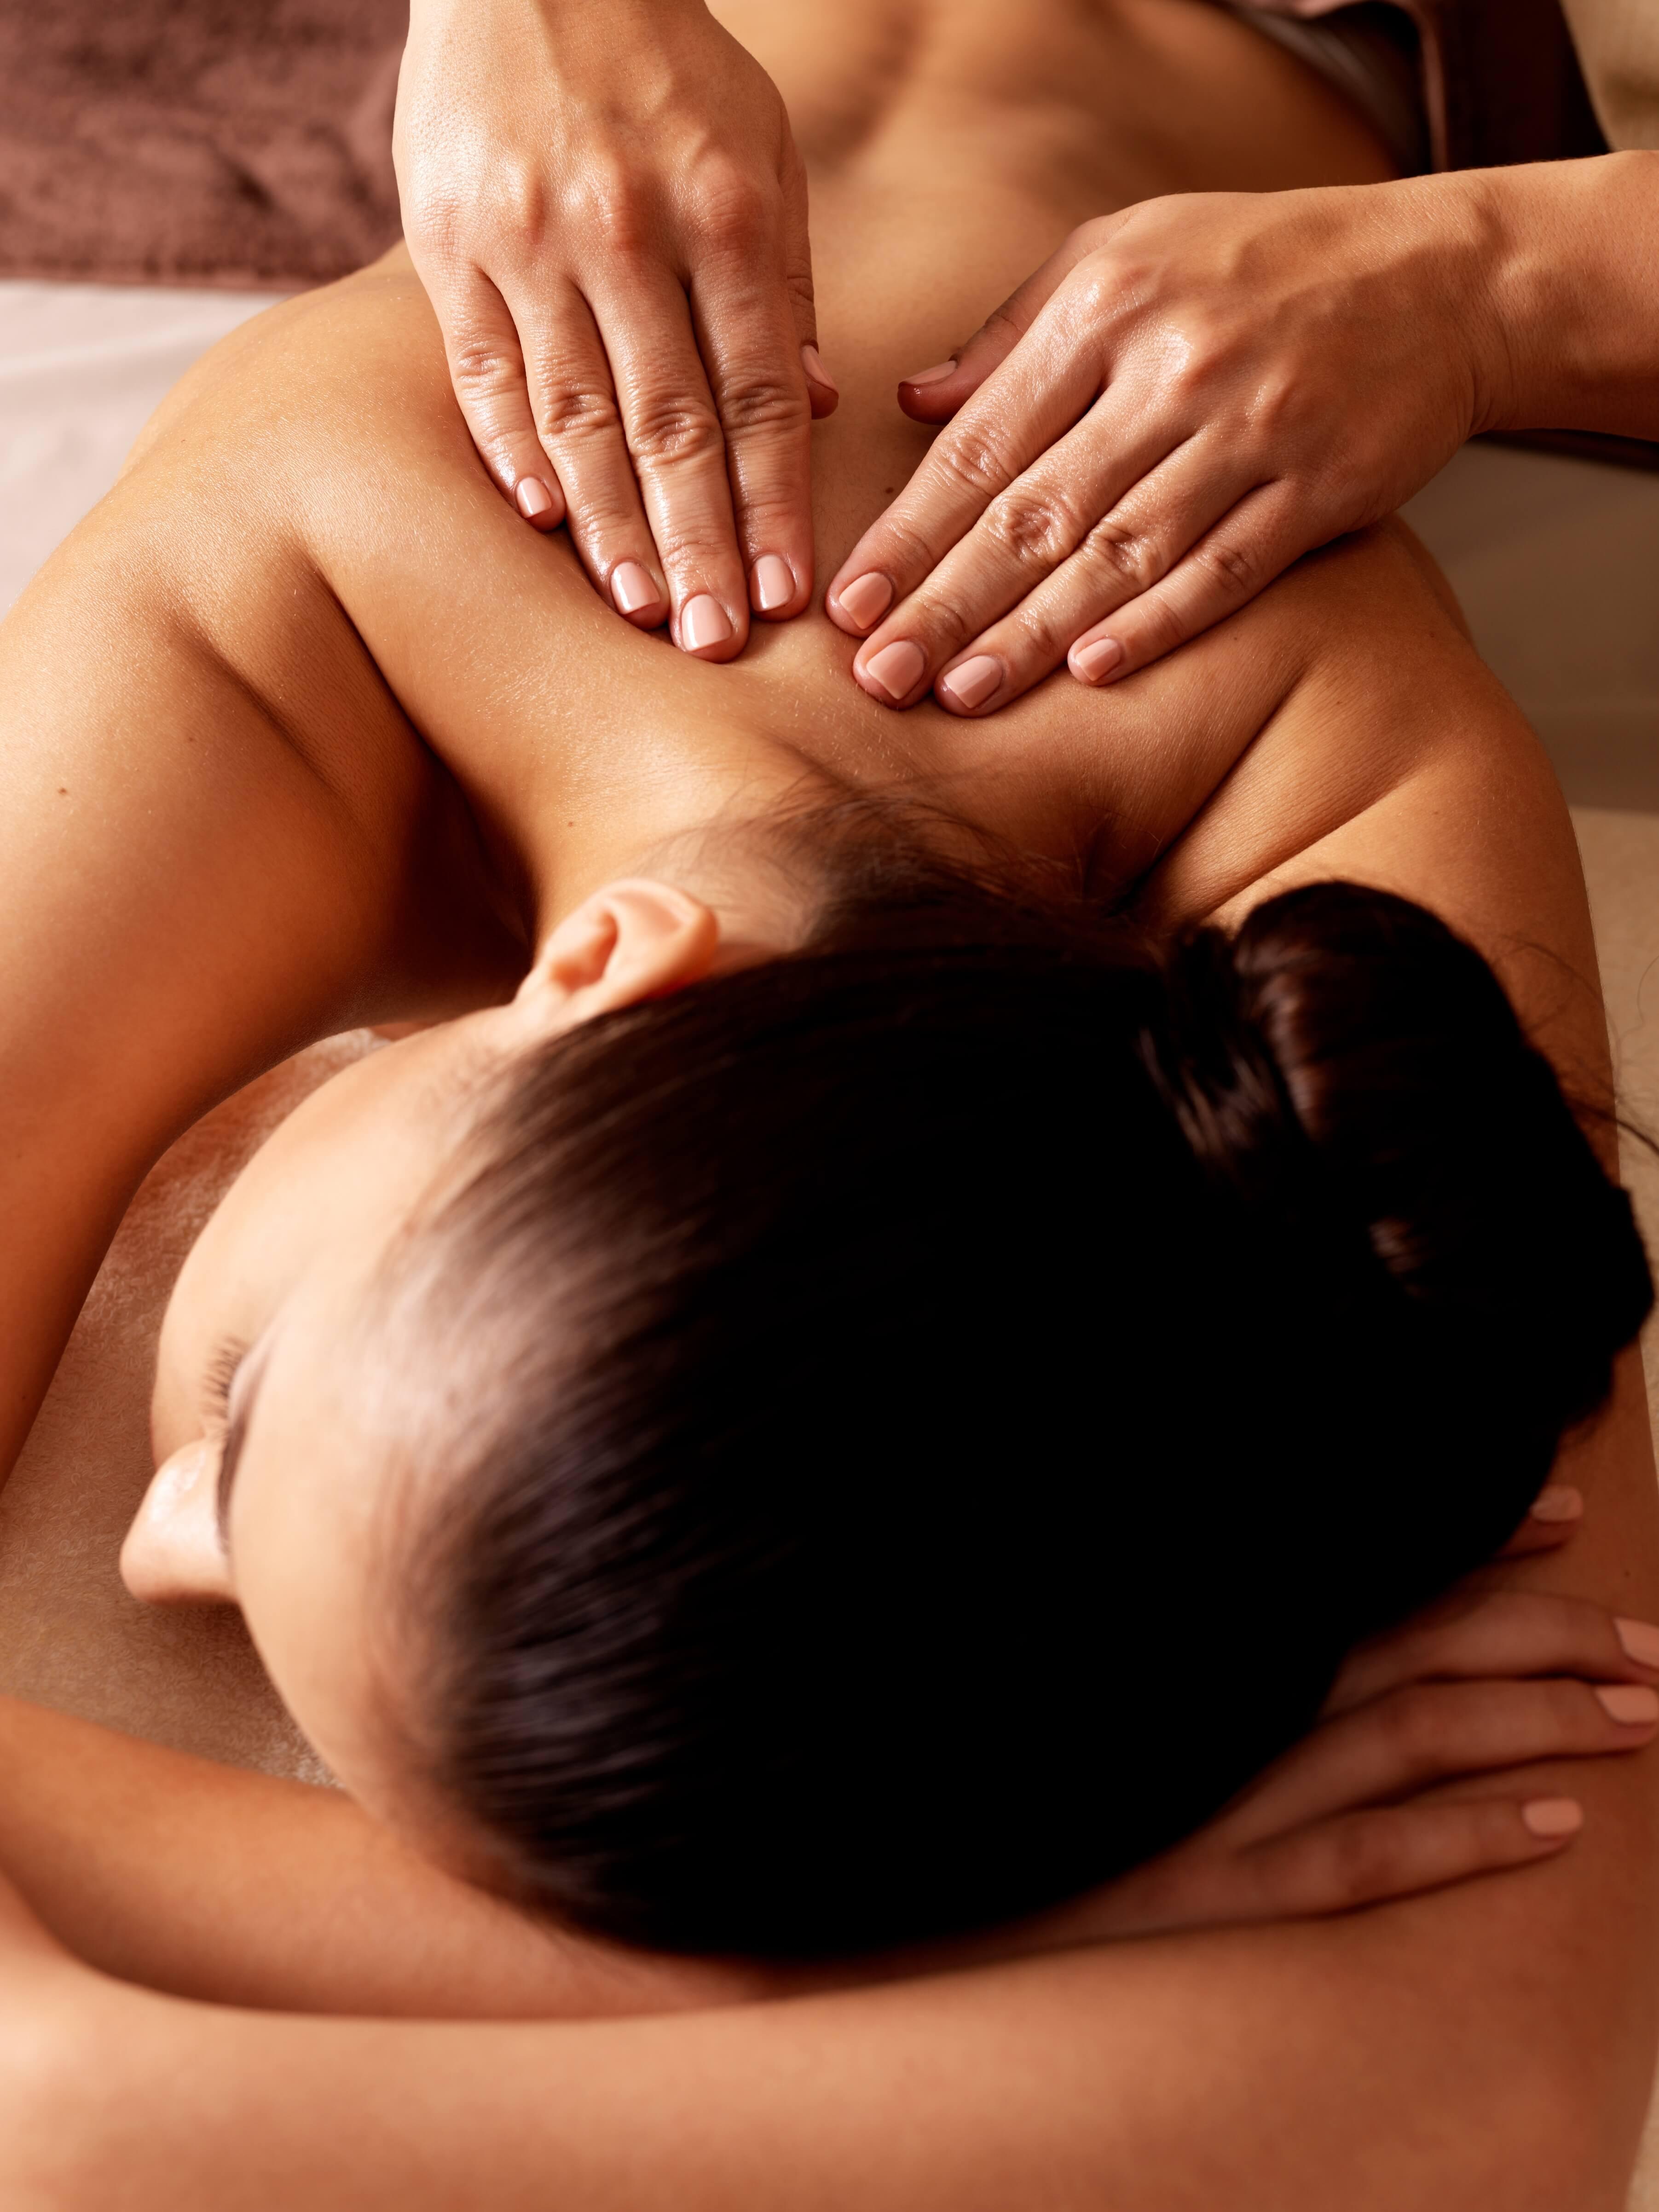 каком возрасте ролик как делают массаж девушки друг другу если душа тело